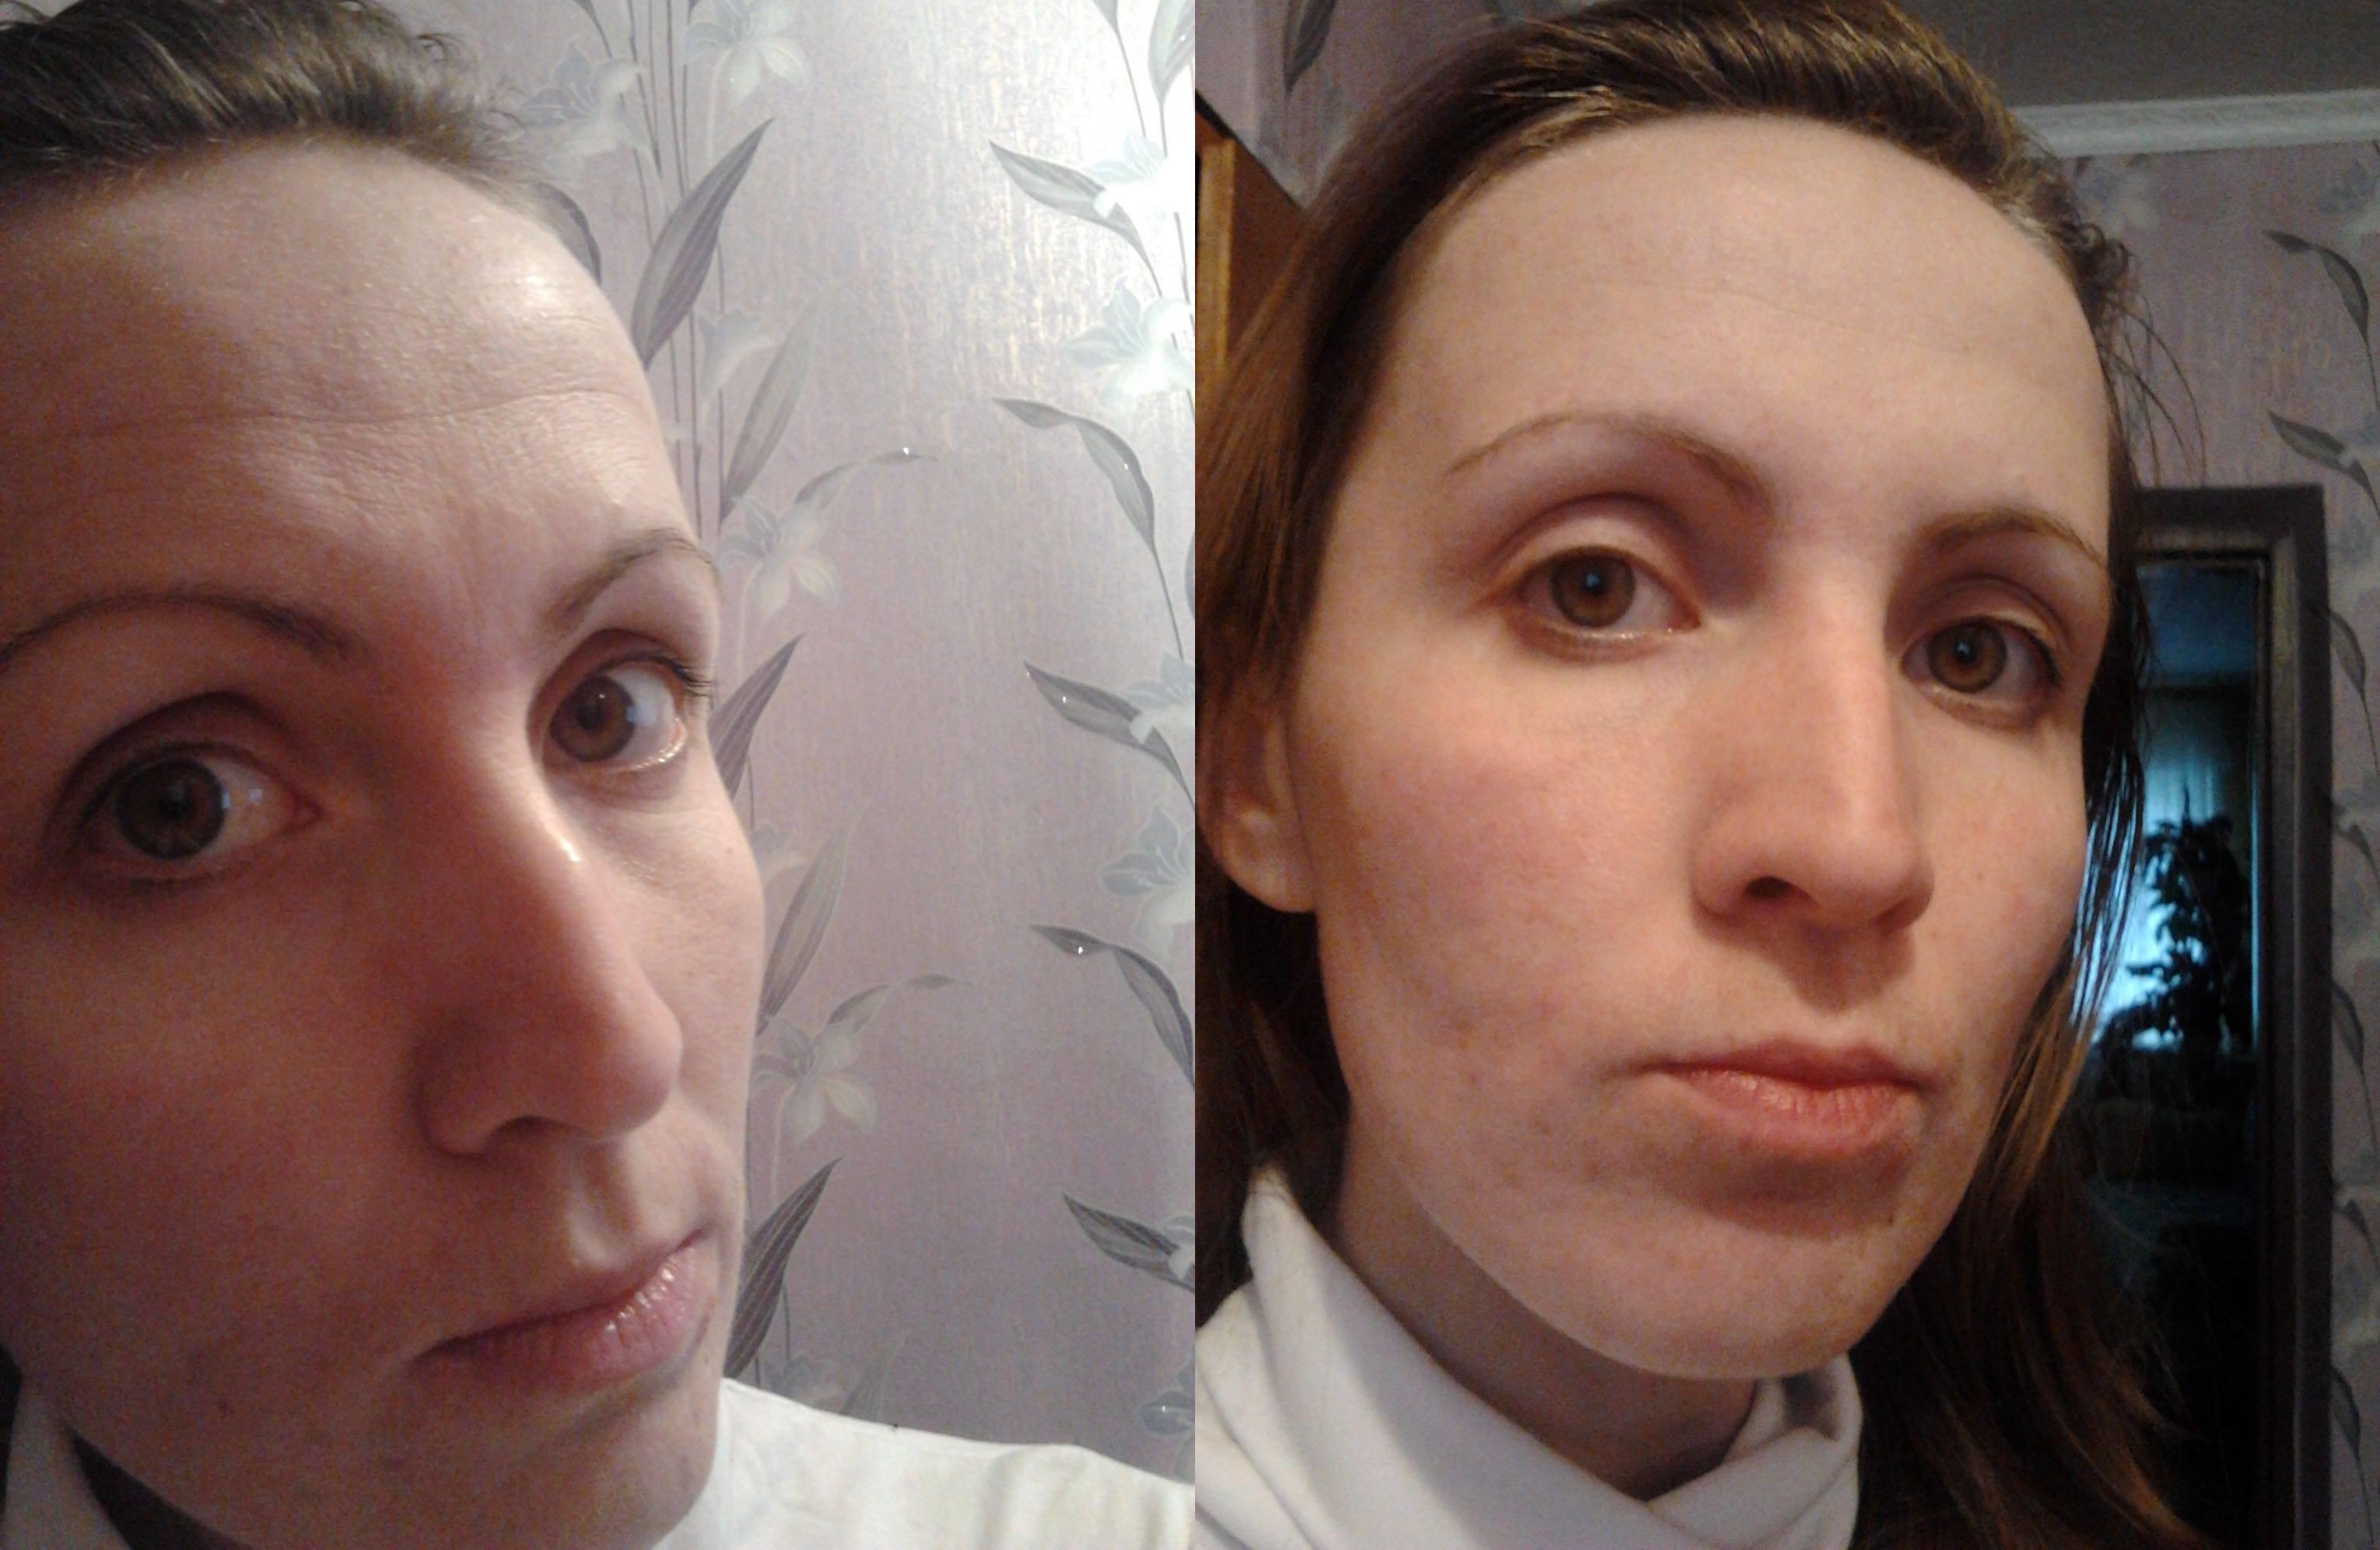 Кальция хлорид для лица пилинг. отзывы, как делать, вред и польза, фото до и после